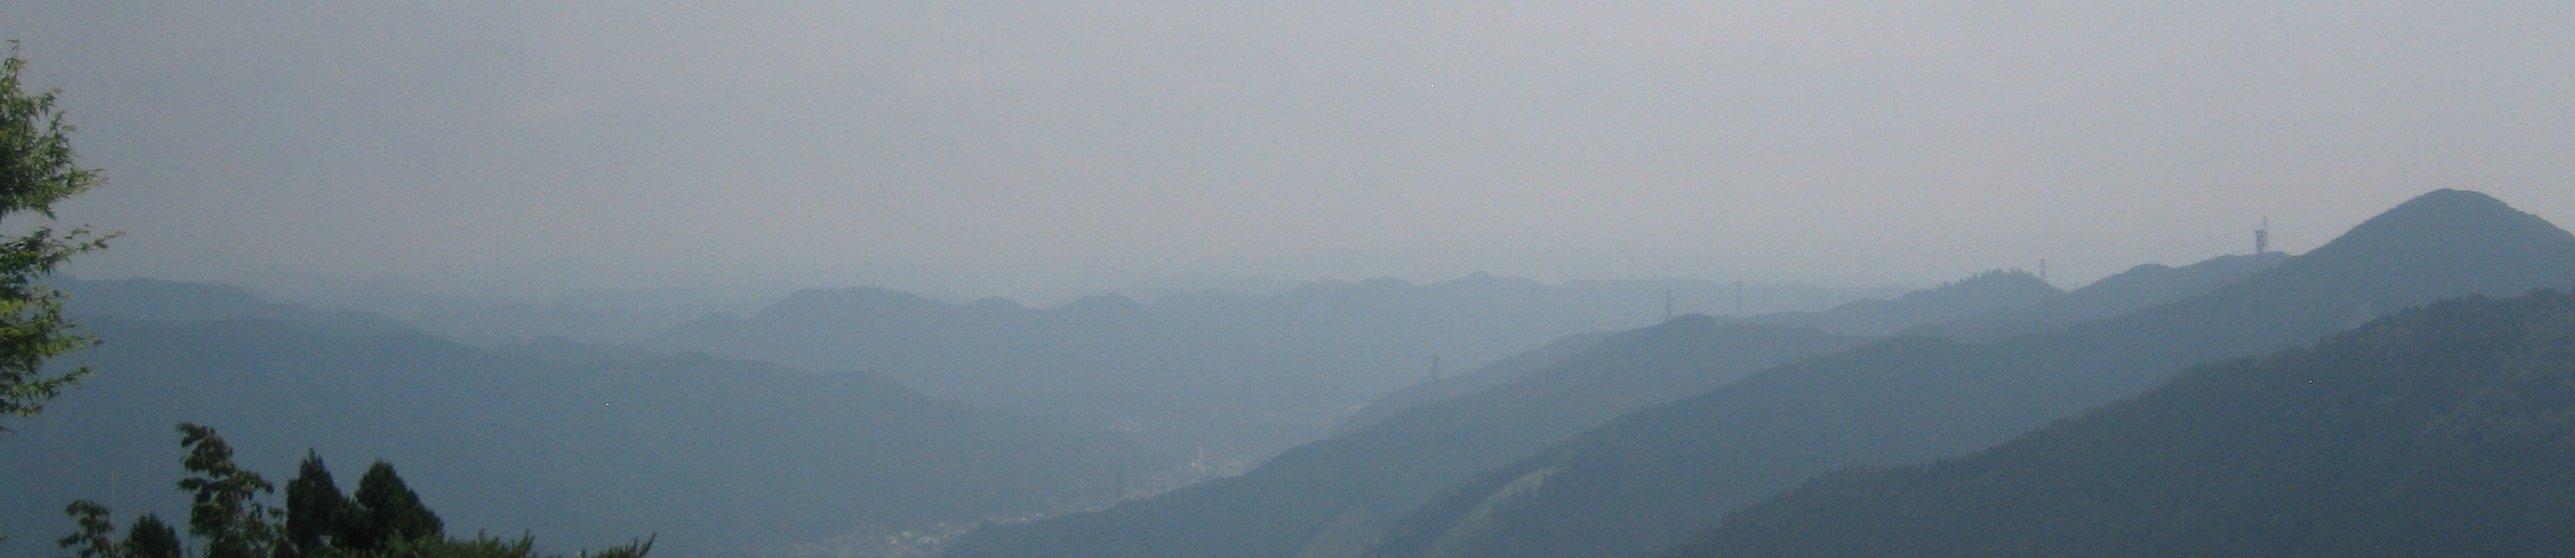 国内小旅行 banner image